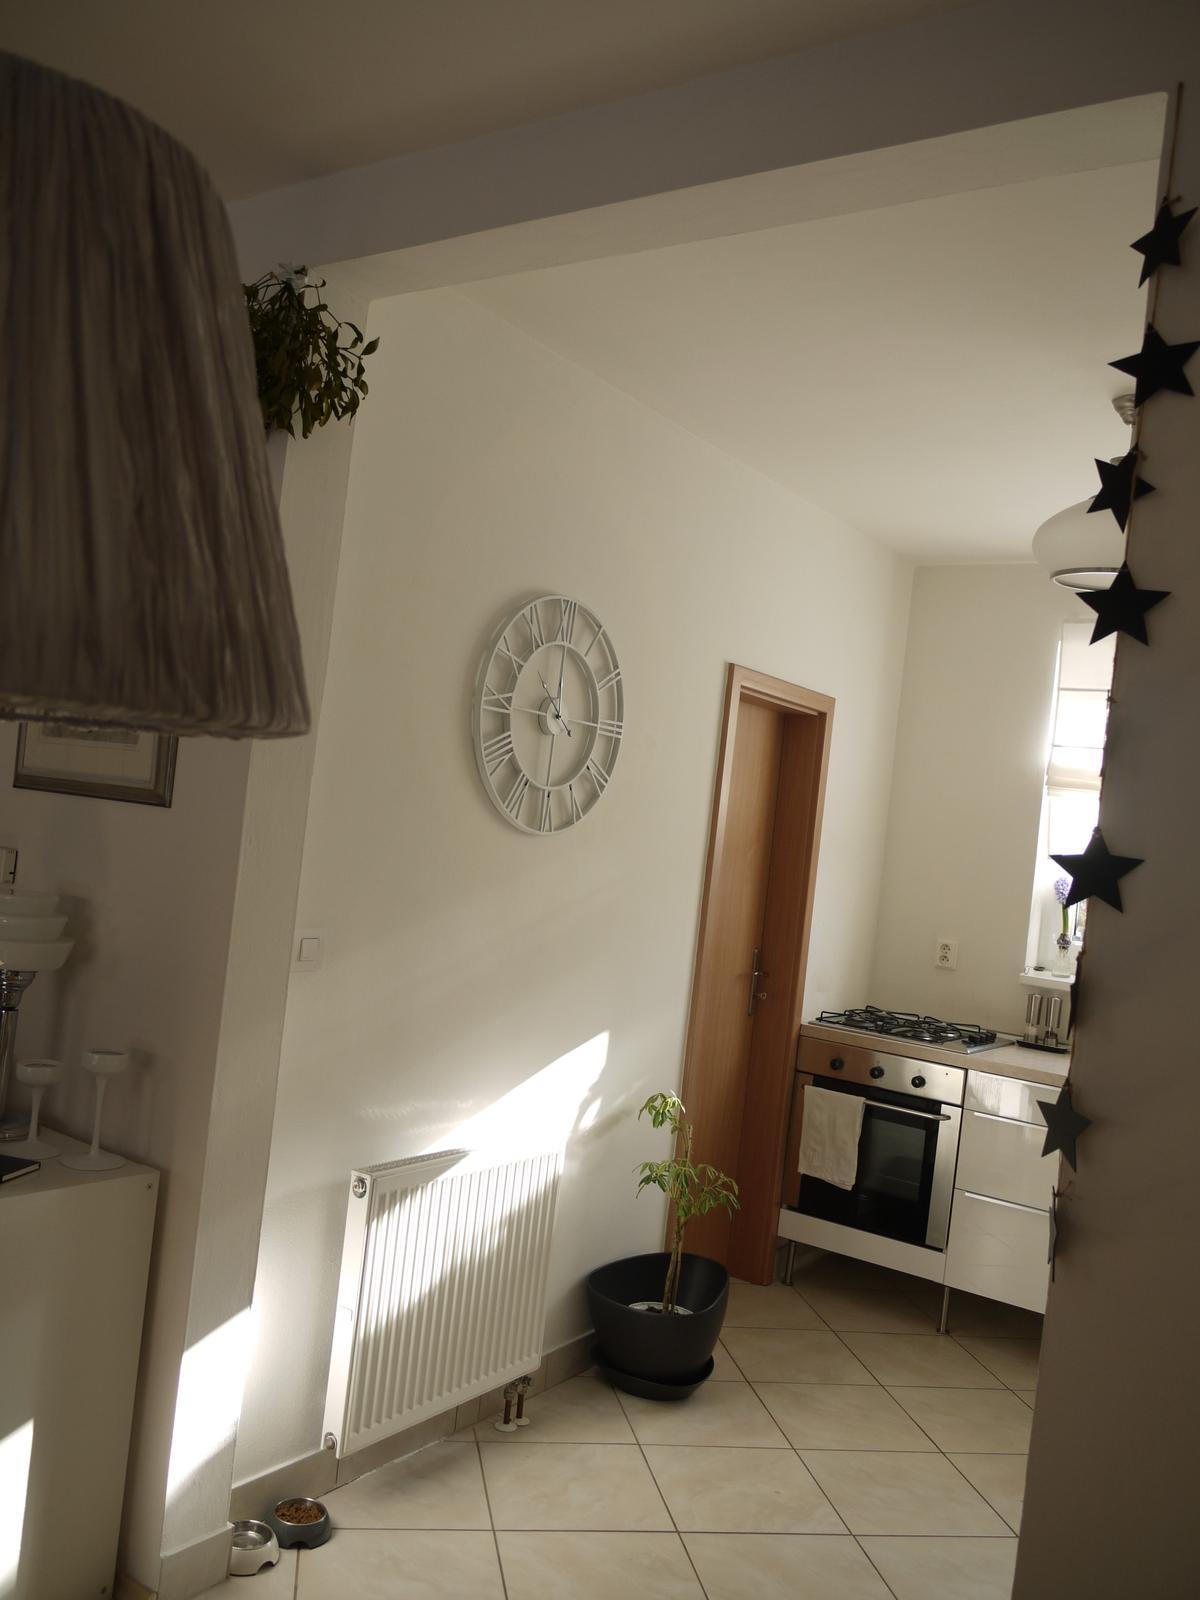 Proměny naší kuchyně - Dveře natřu. S tou dlažbou bohužel zatím nic neudělám :-( Na soklu se pracuje.